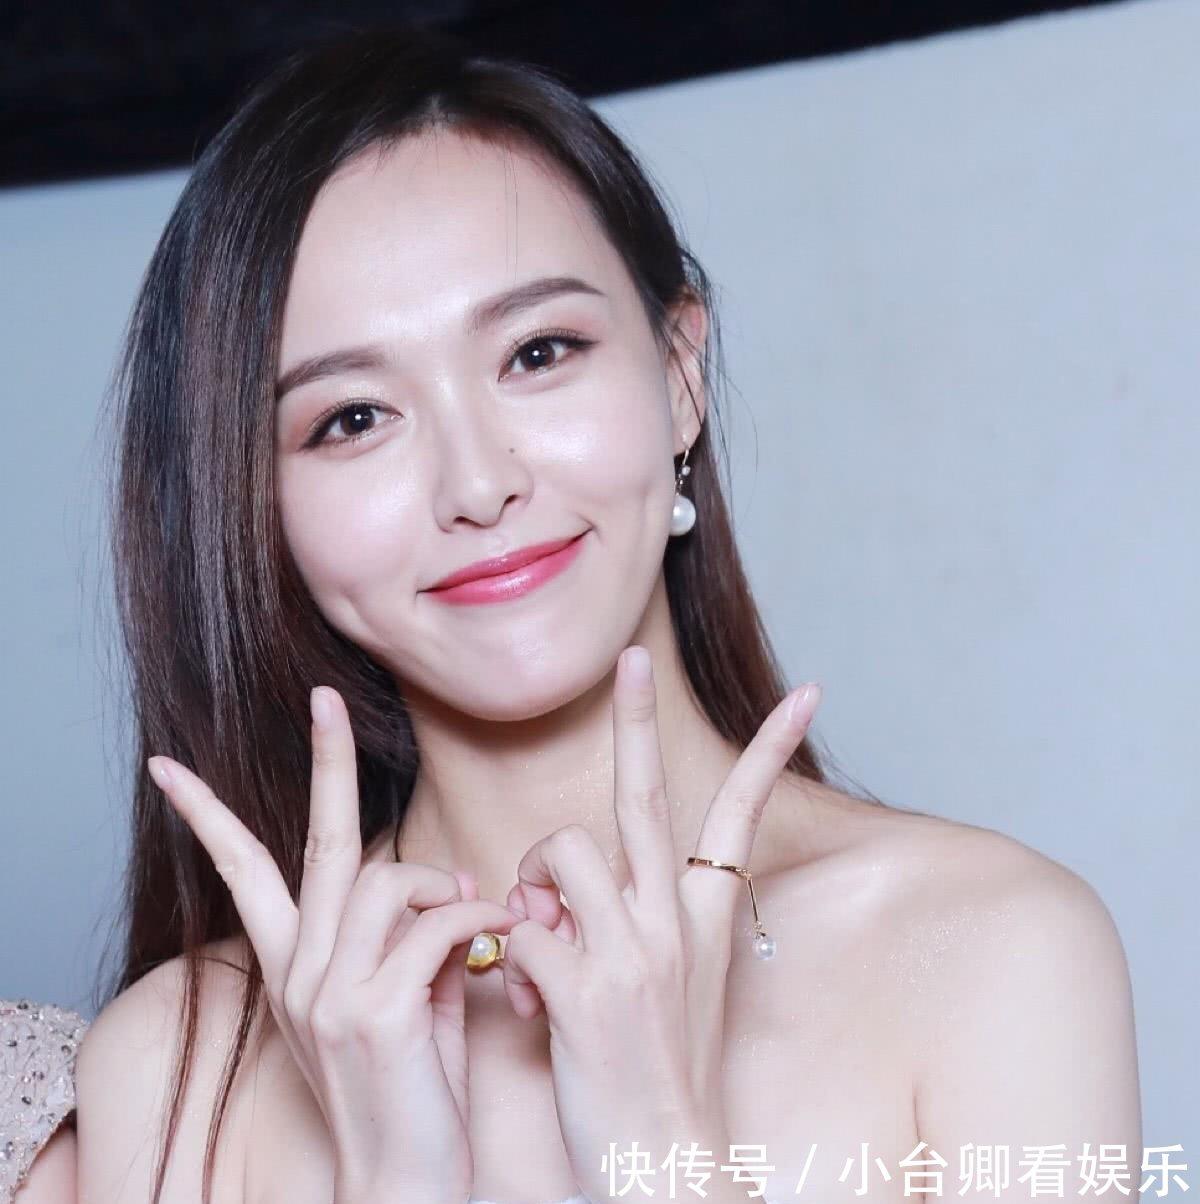 2018受关注女明星出炉,吴谨言赵丽颖强势入榜叶佳颐性感图片